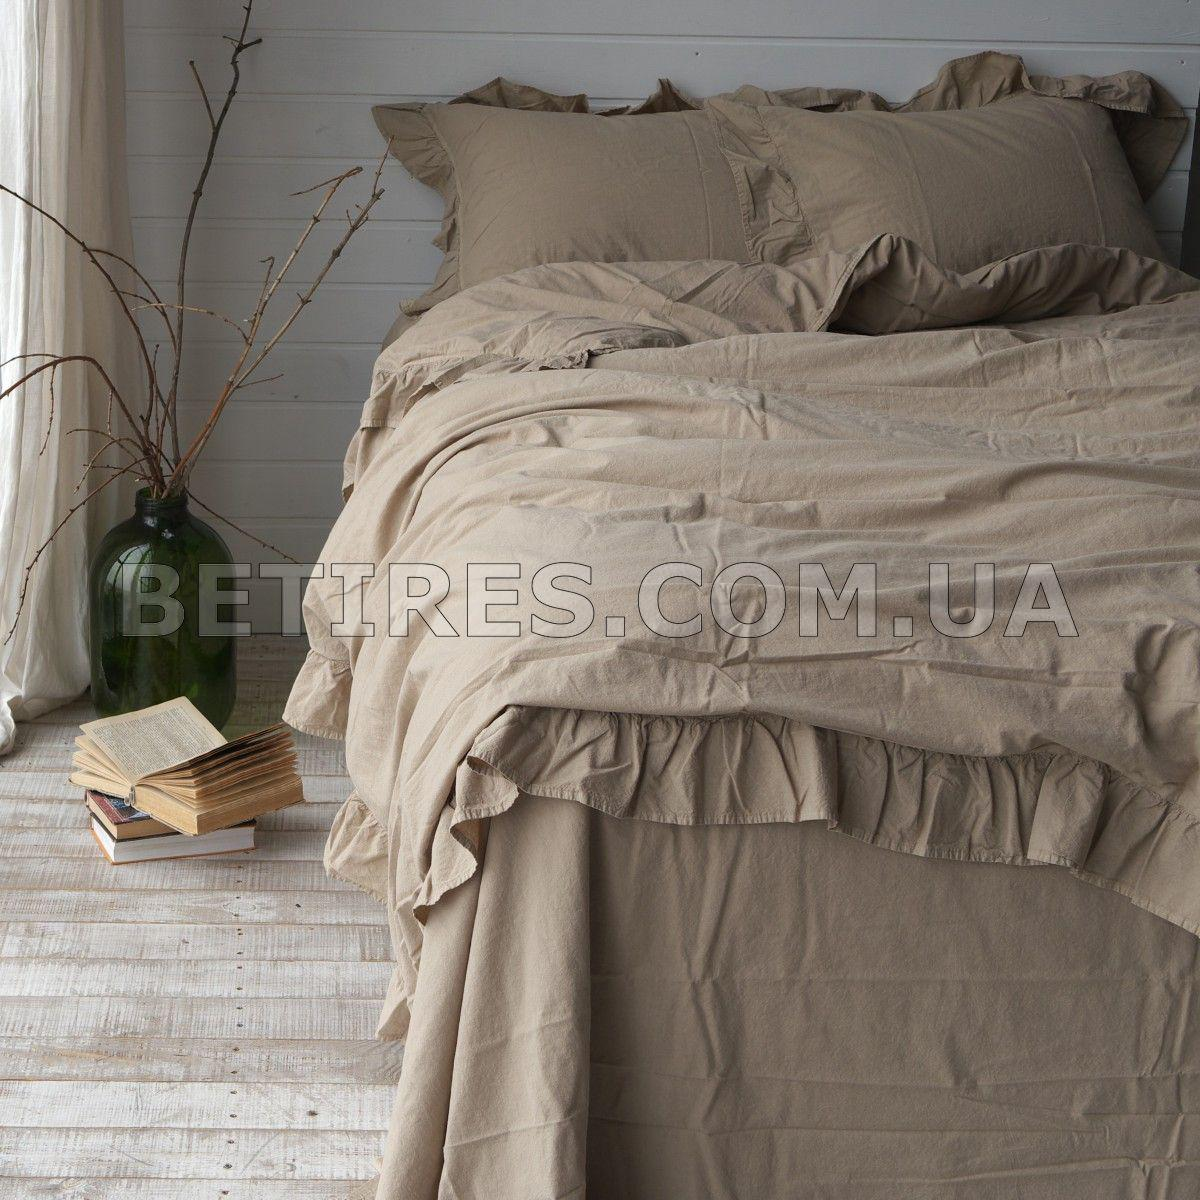 Комплект постельного белья 200x220 LIMASSO OXFORD TAN EXCLUSIVE бежевый